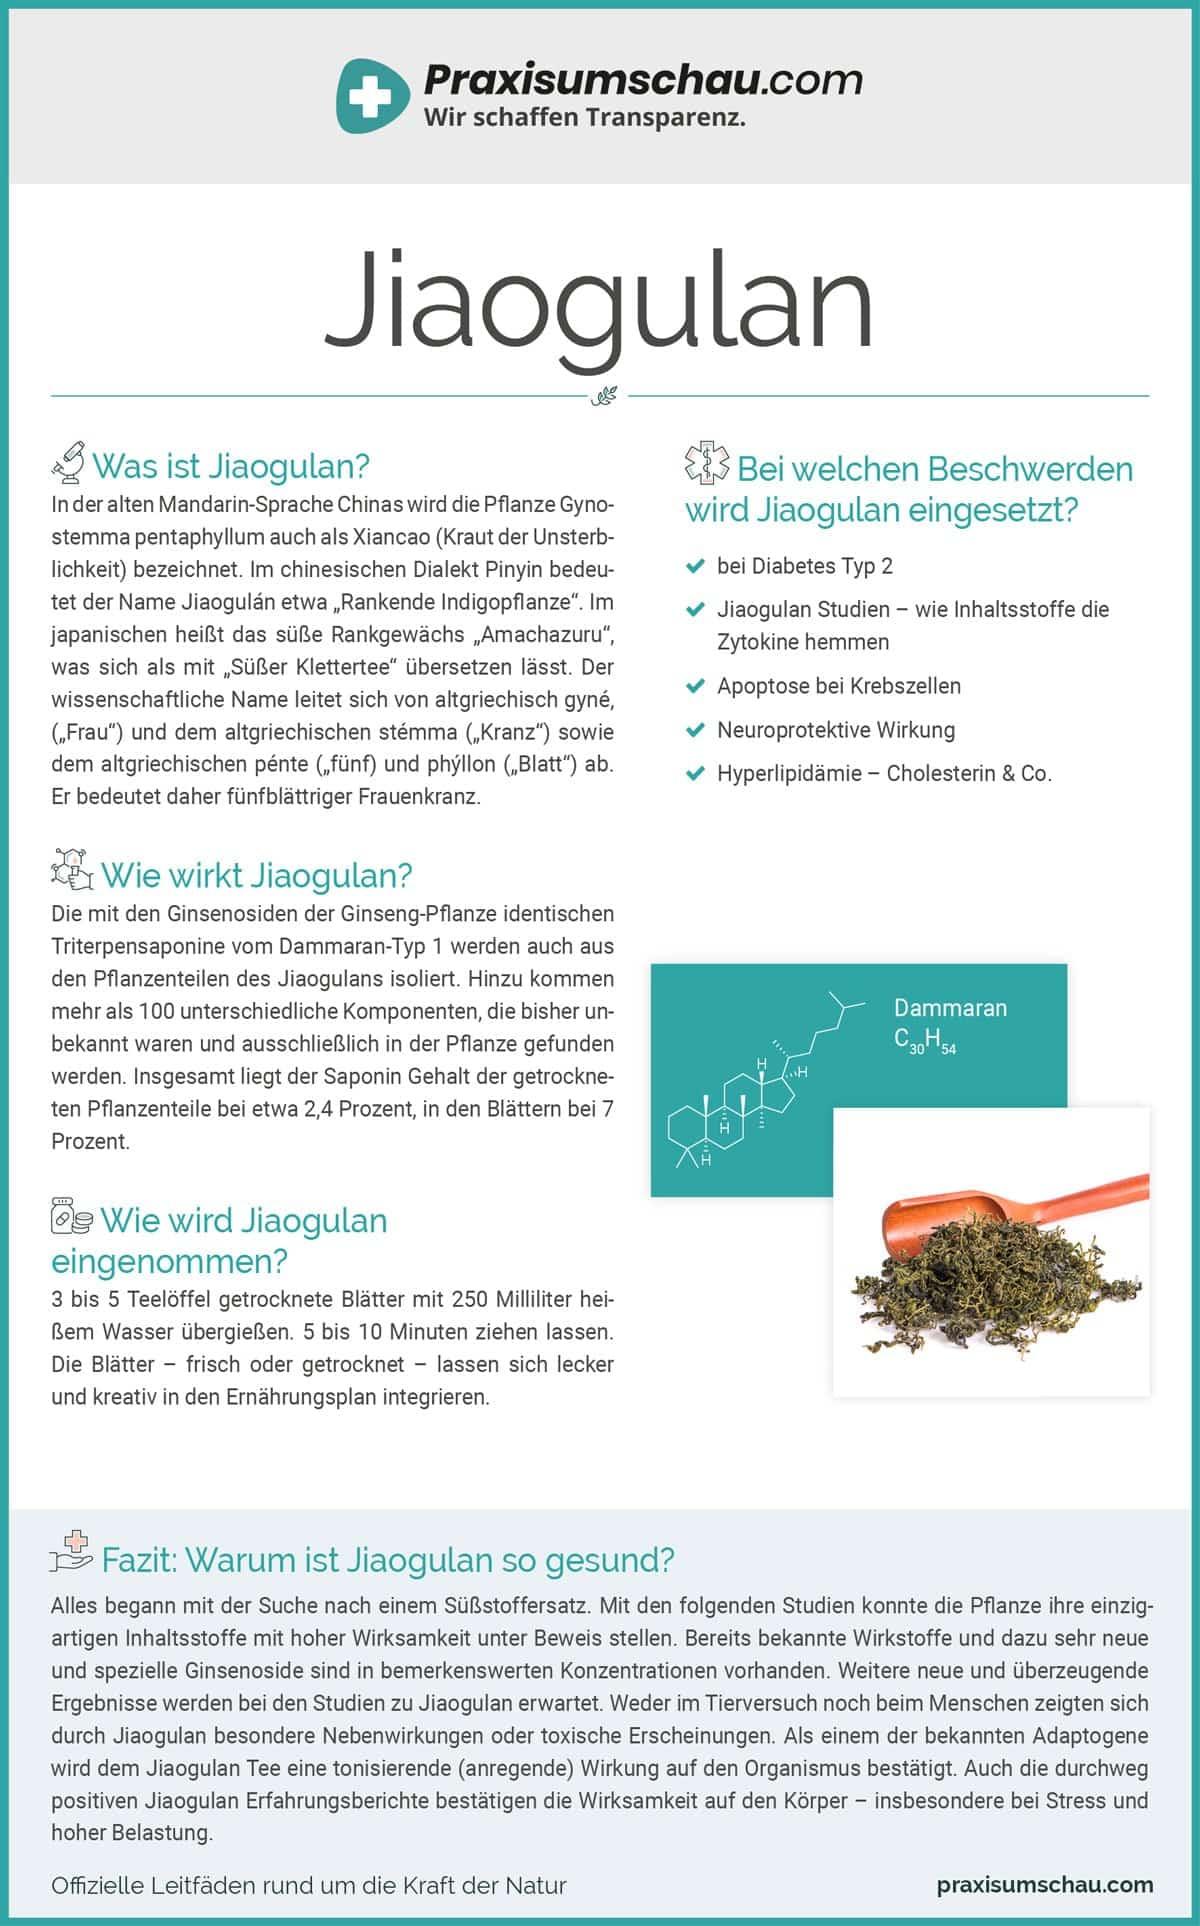 Jiaogulan infografik pu